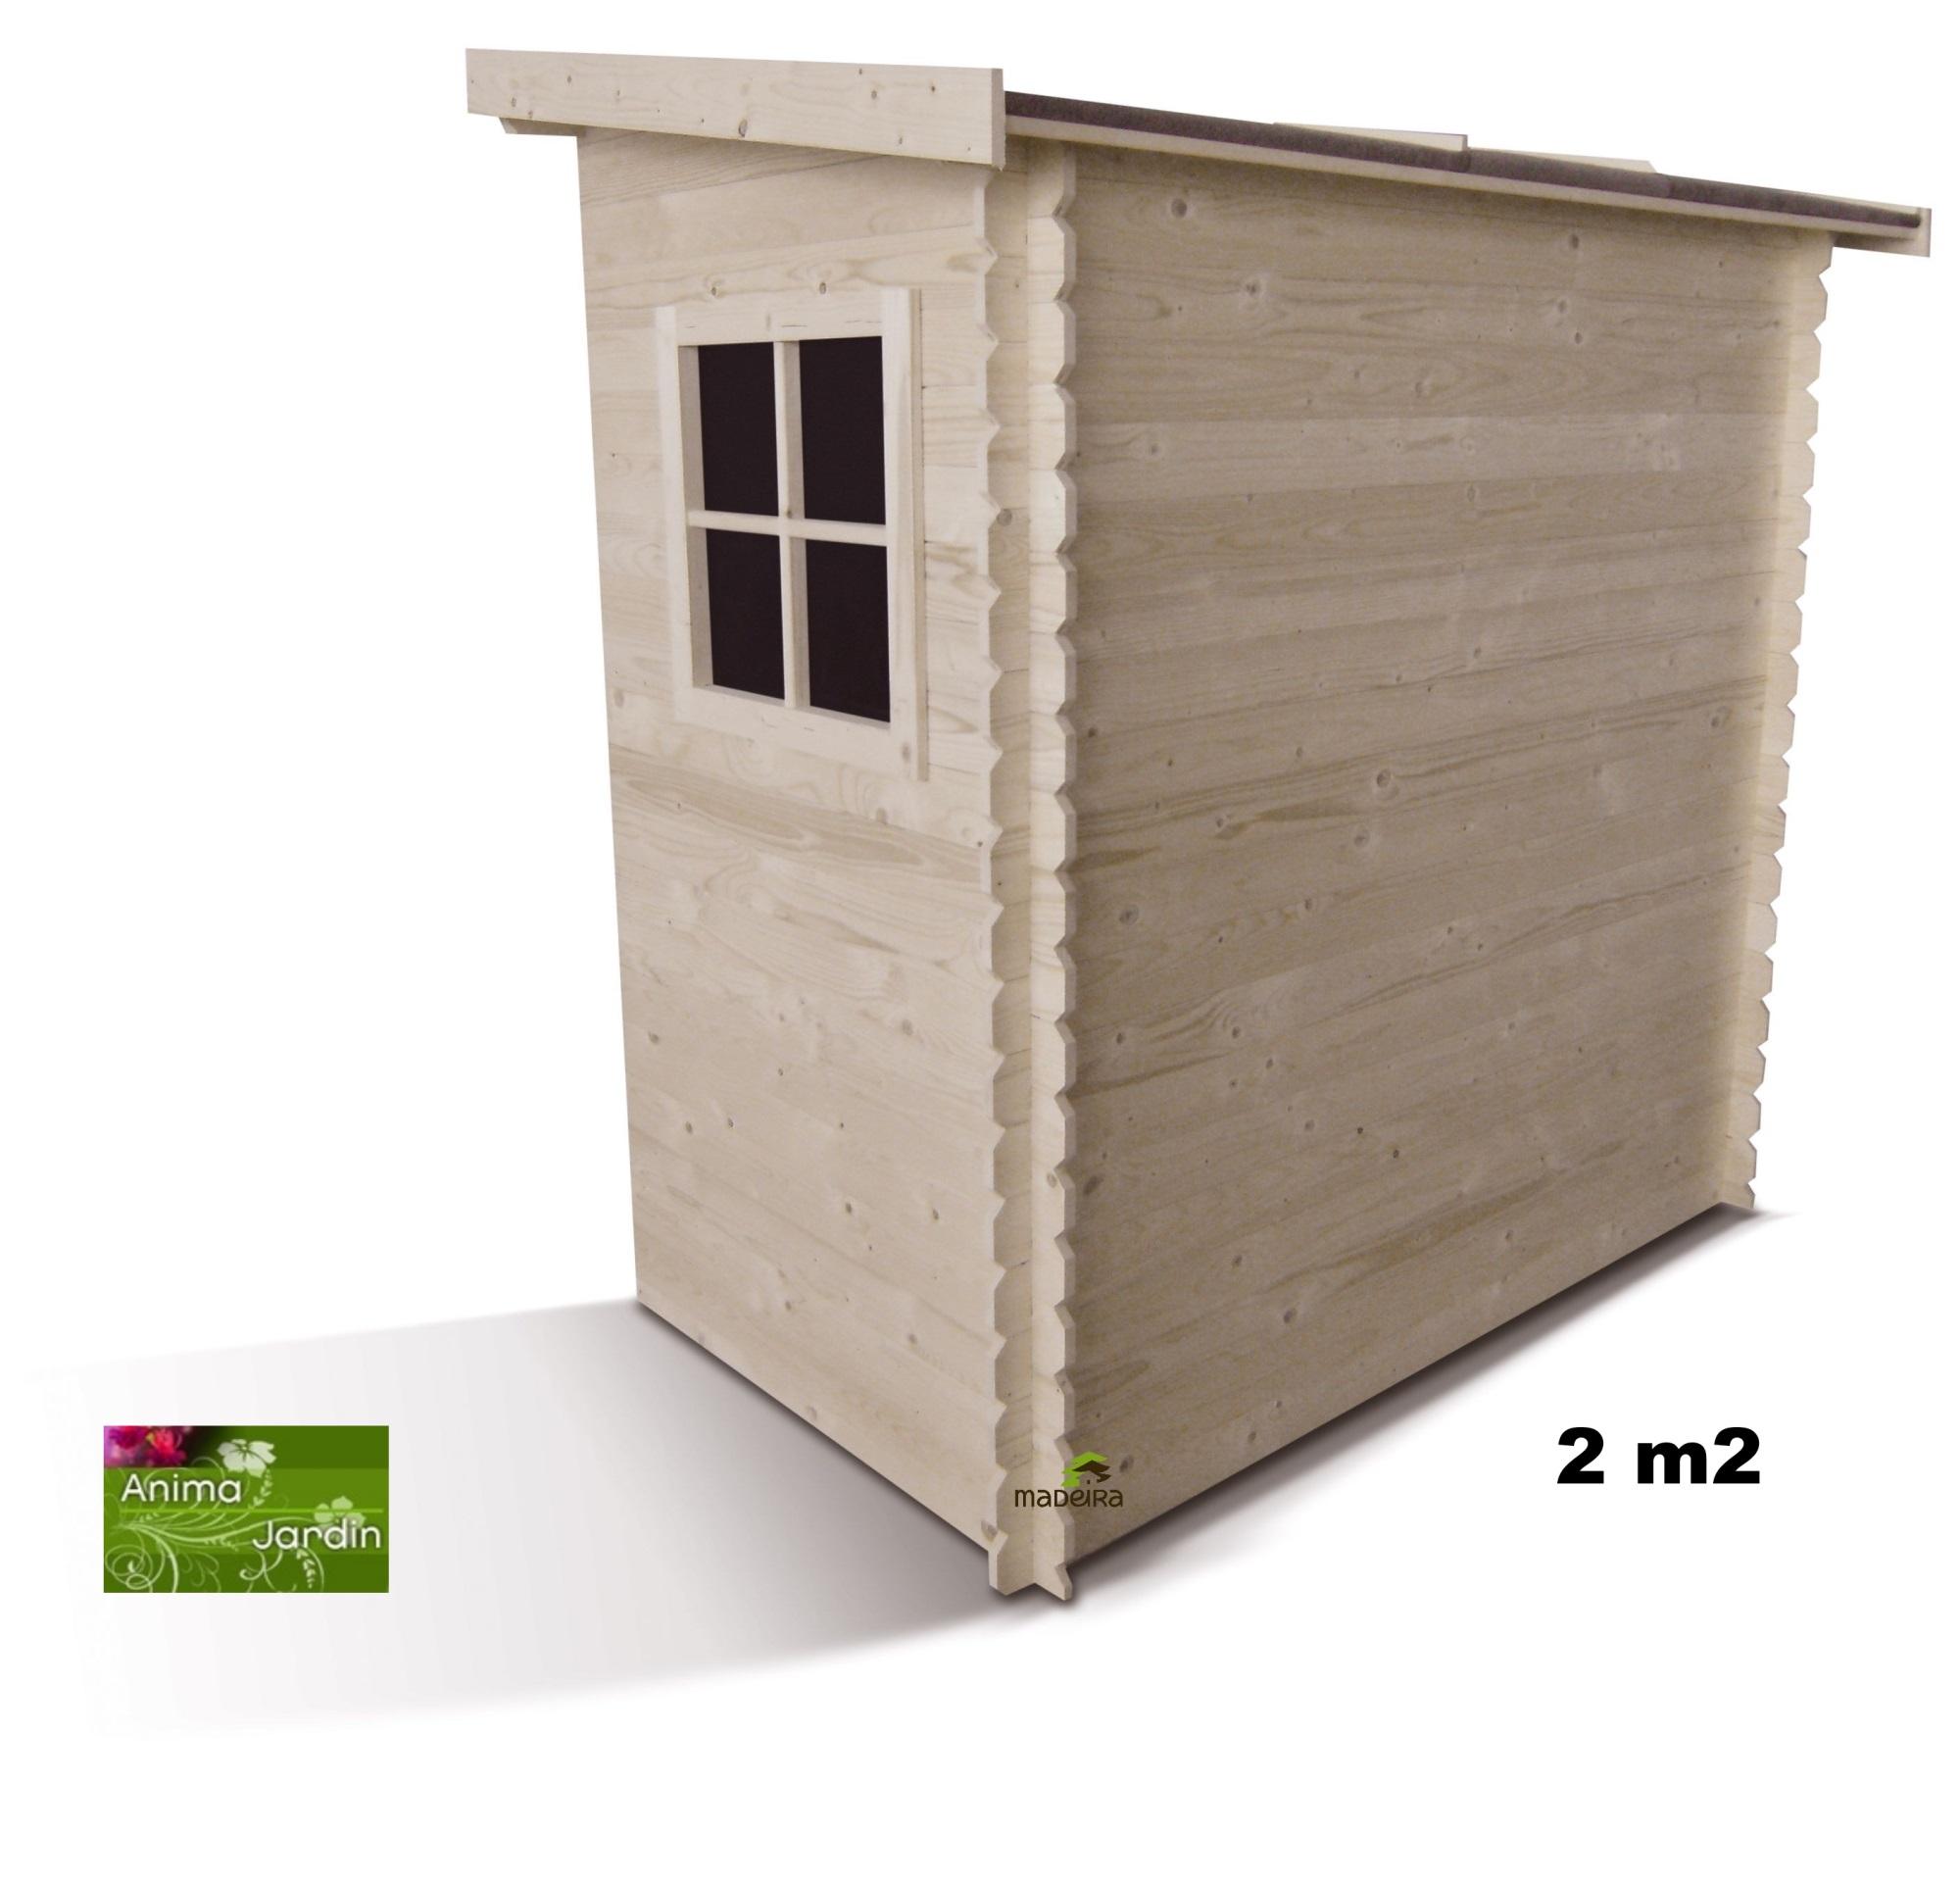 abri bois range v lo adossable 19 mm jardin madeira pas cher. Black Bedroom Furniture Sets. Home Design Ideas